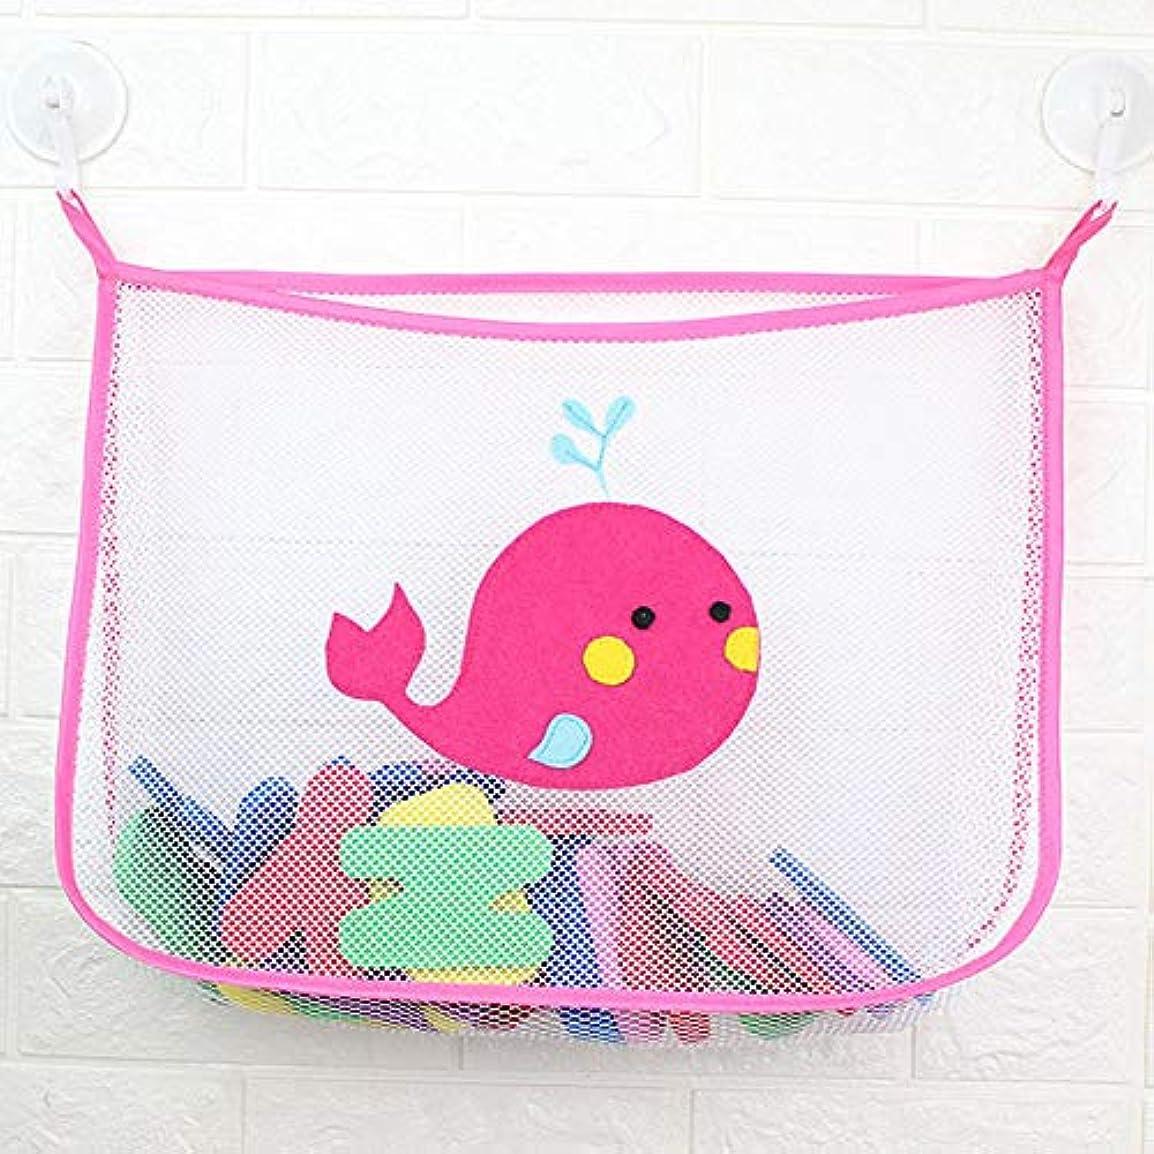 前奏曲特別な太平洋諸島ベビーシャワー風呂のおもちゃ小さなアヒル小さなカエルの赤ちゃん子供のおもちゃ収納メッシュで強い吸盤玩具バッグネット浴室オーガナイザー (ピンク)